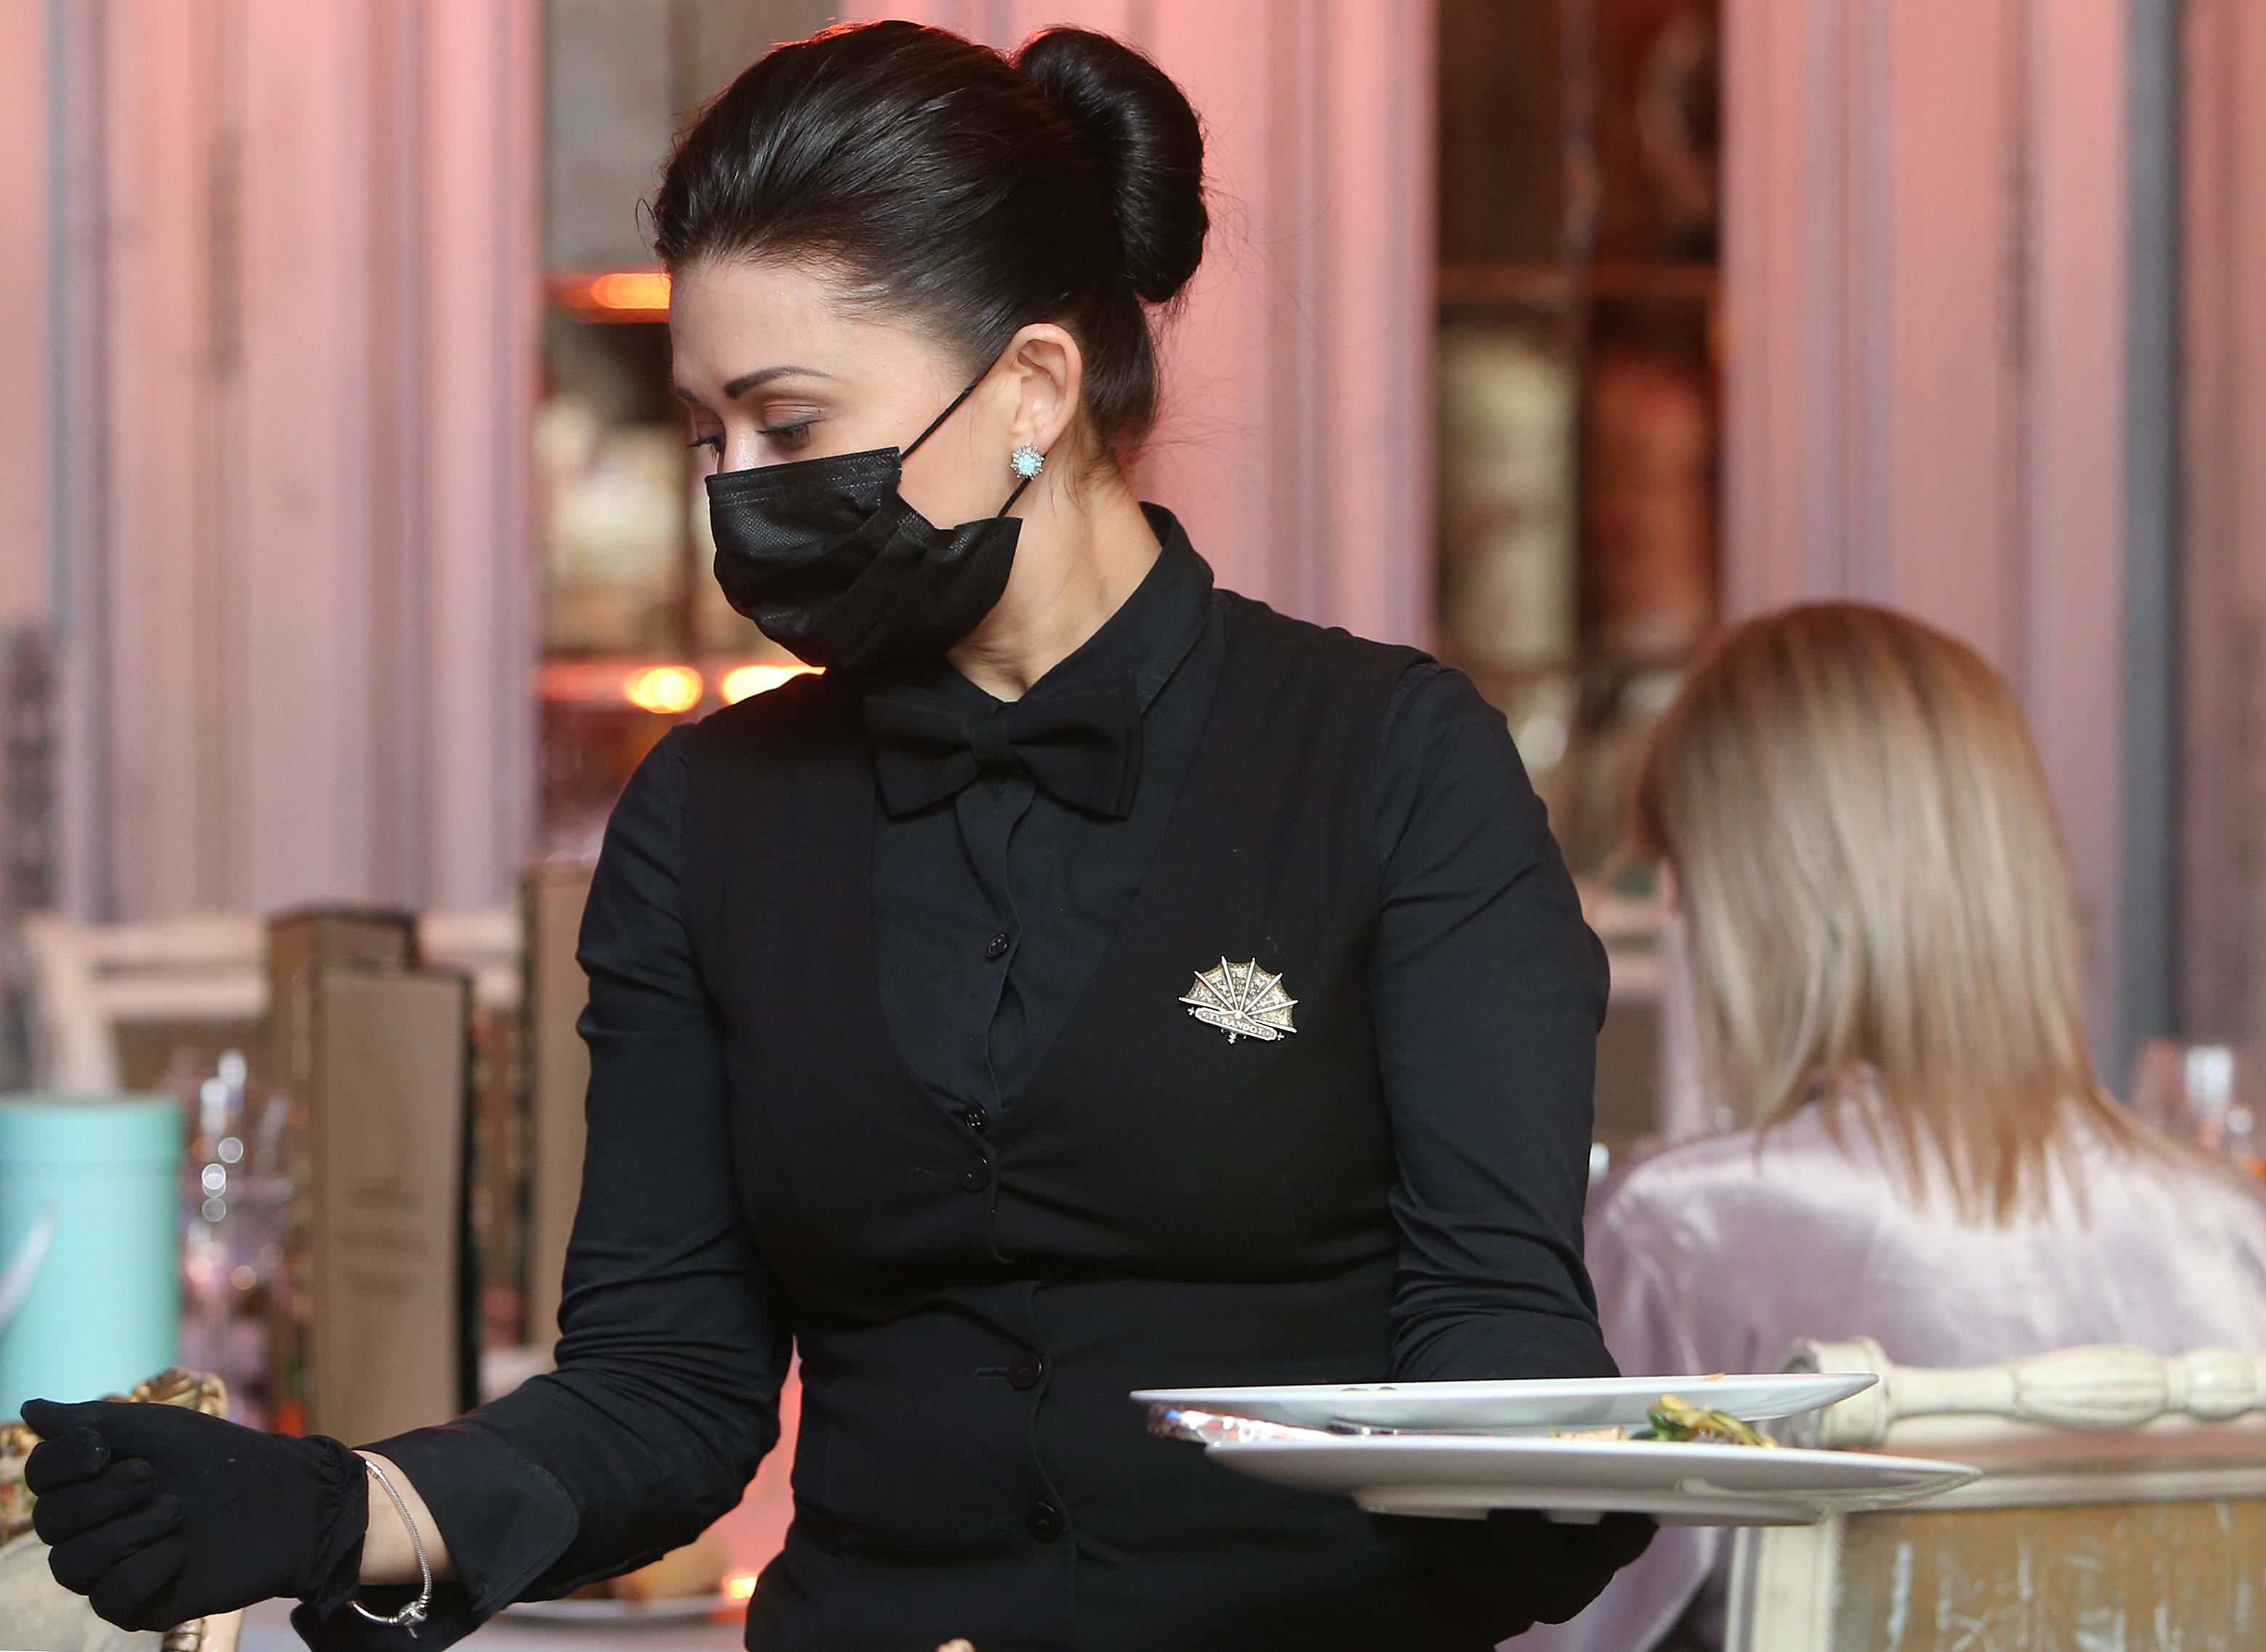 Ресторану Balagan грозит штраф до 1 миллиона рублей за нарушения мер профилактики COVID-19. Фото: Наталия Нечаева, «Вечерняя Москва»